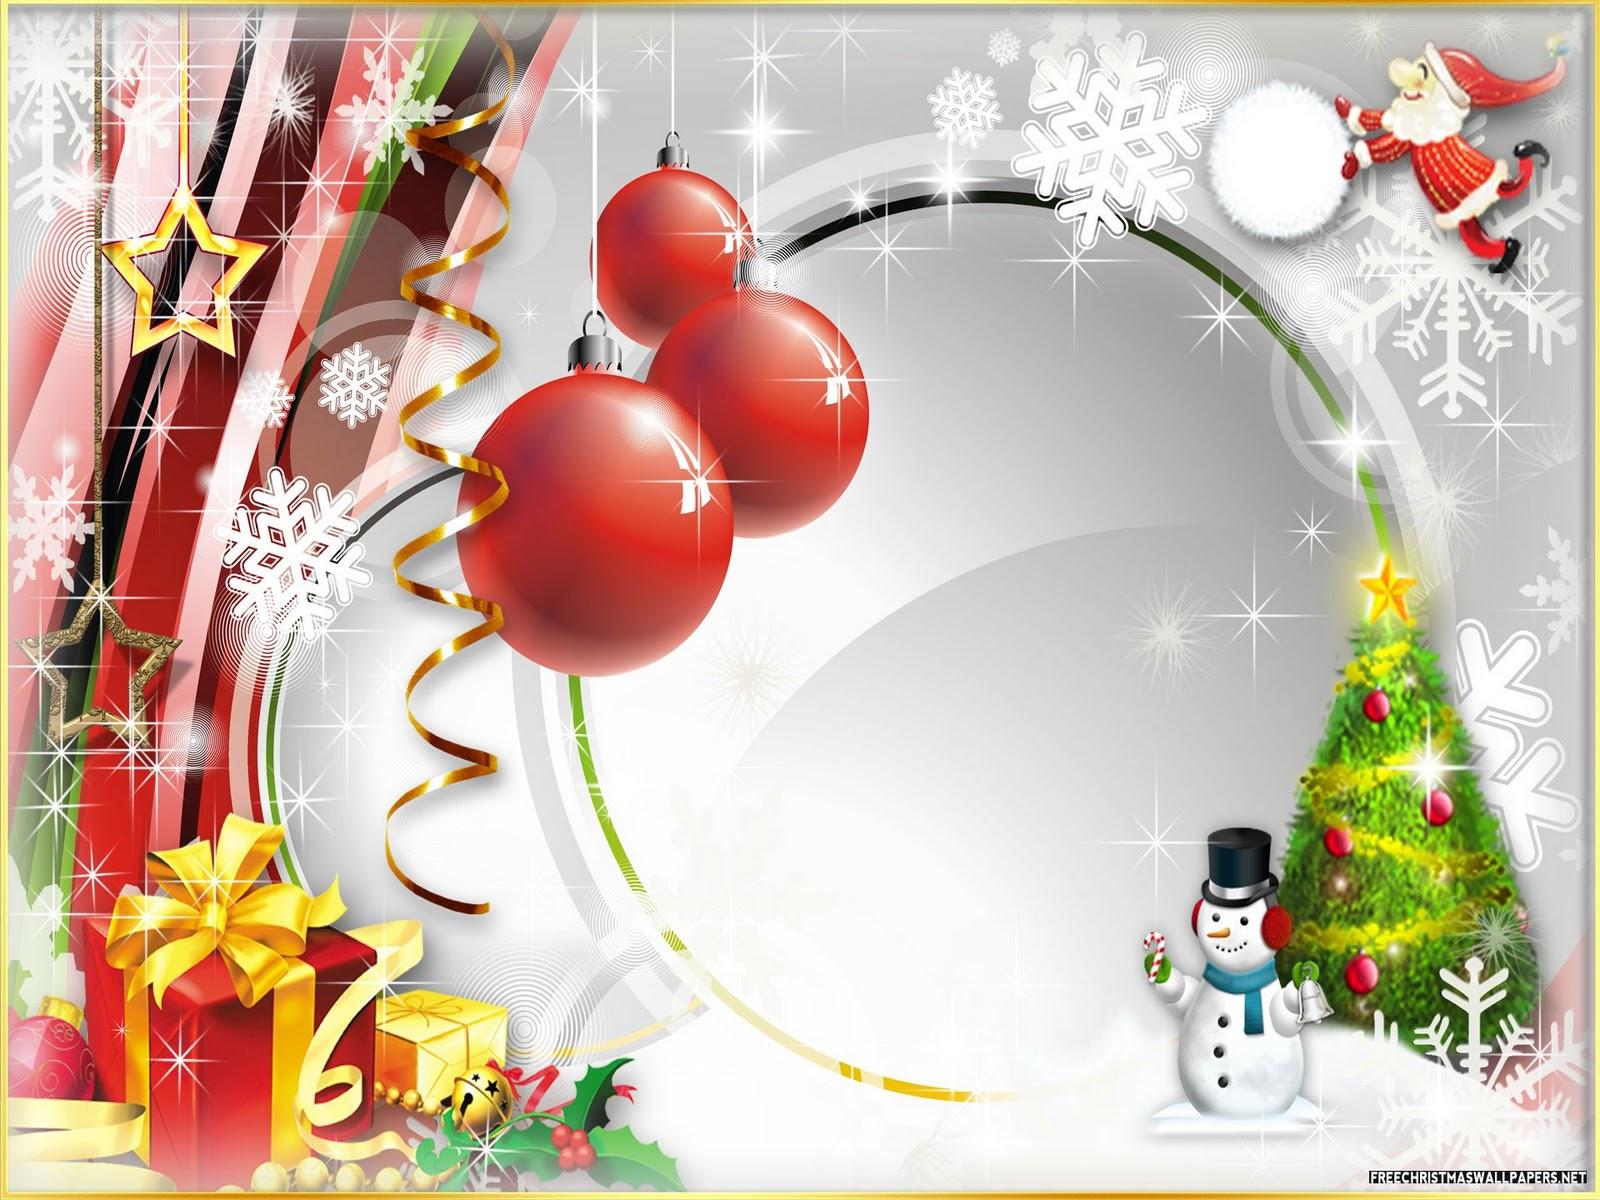 Images pour blogs et facebook fond d 39 cran joyeux noel for Fond d ecran gratuit joyeuses fetes